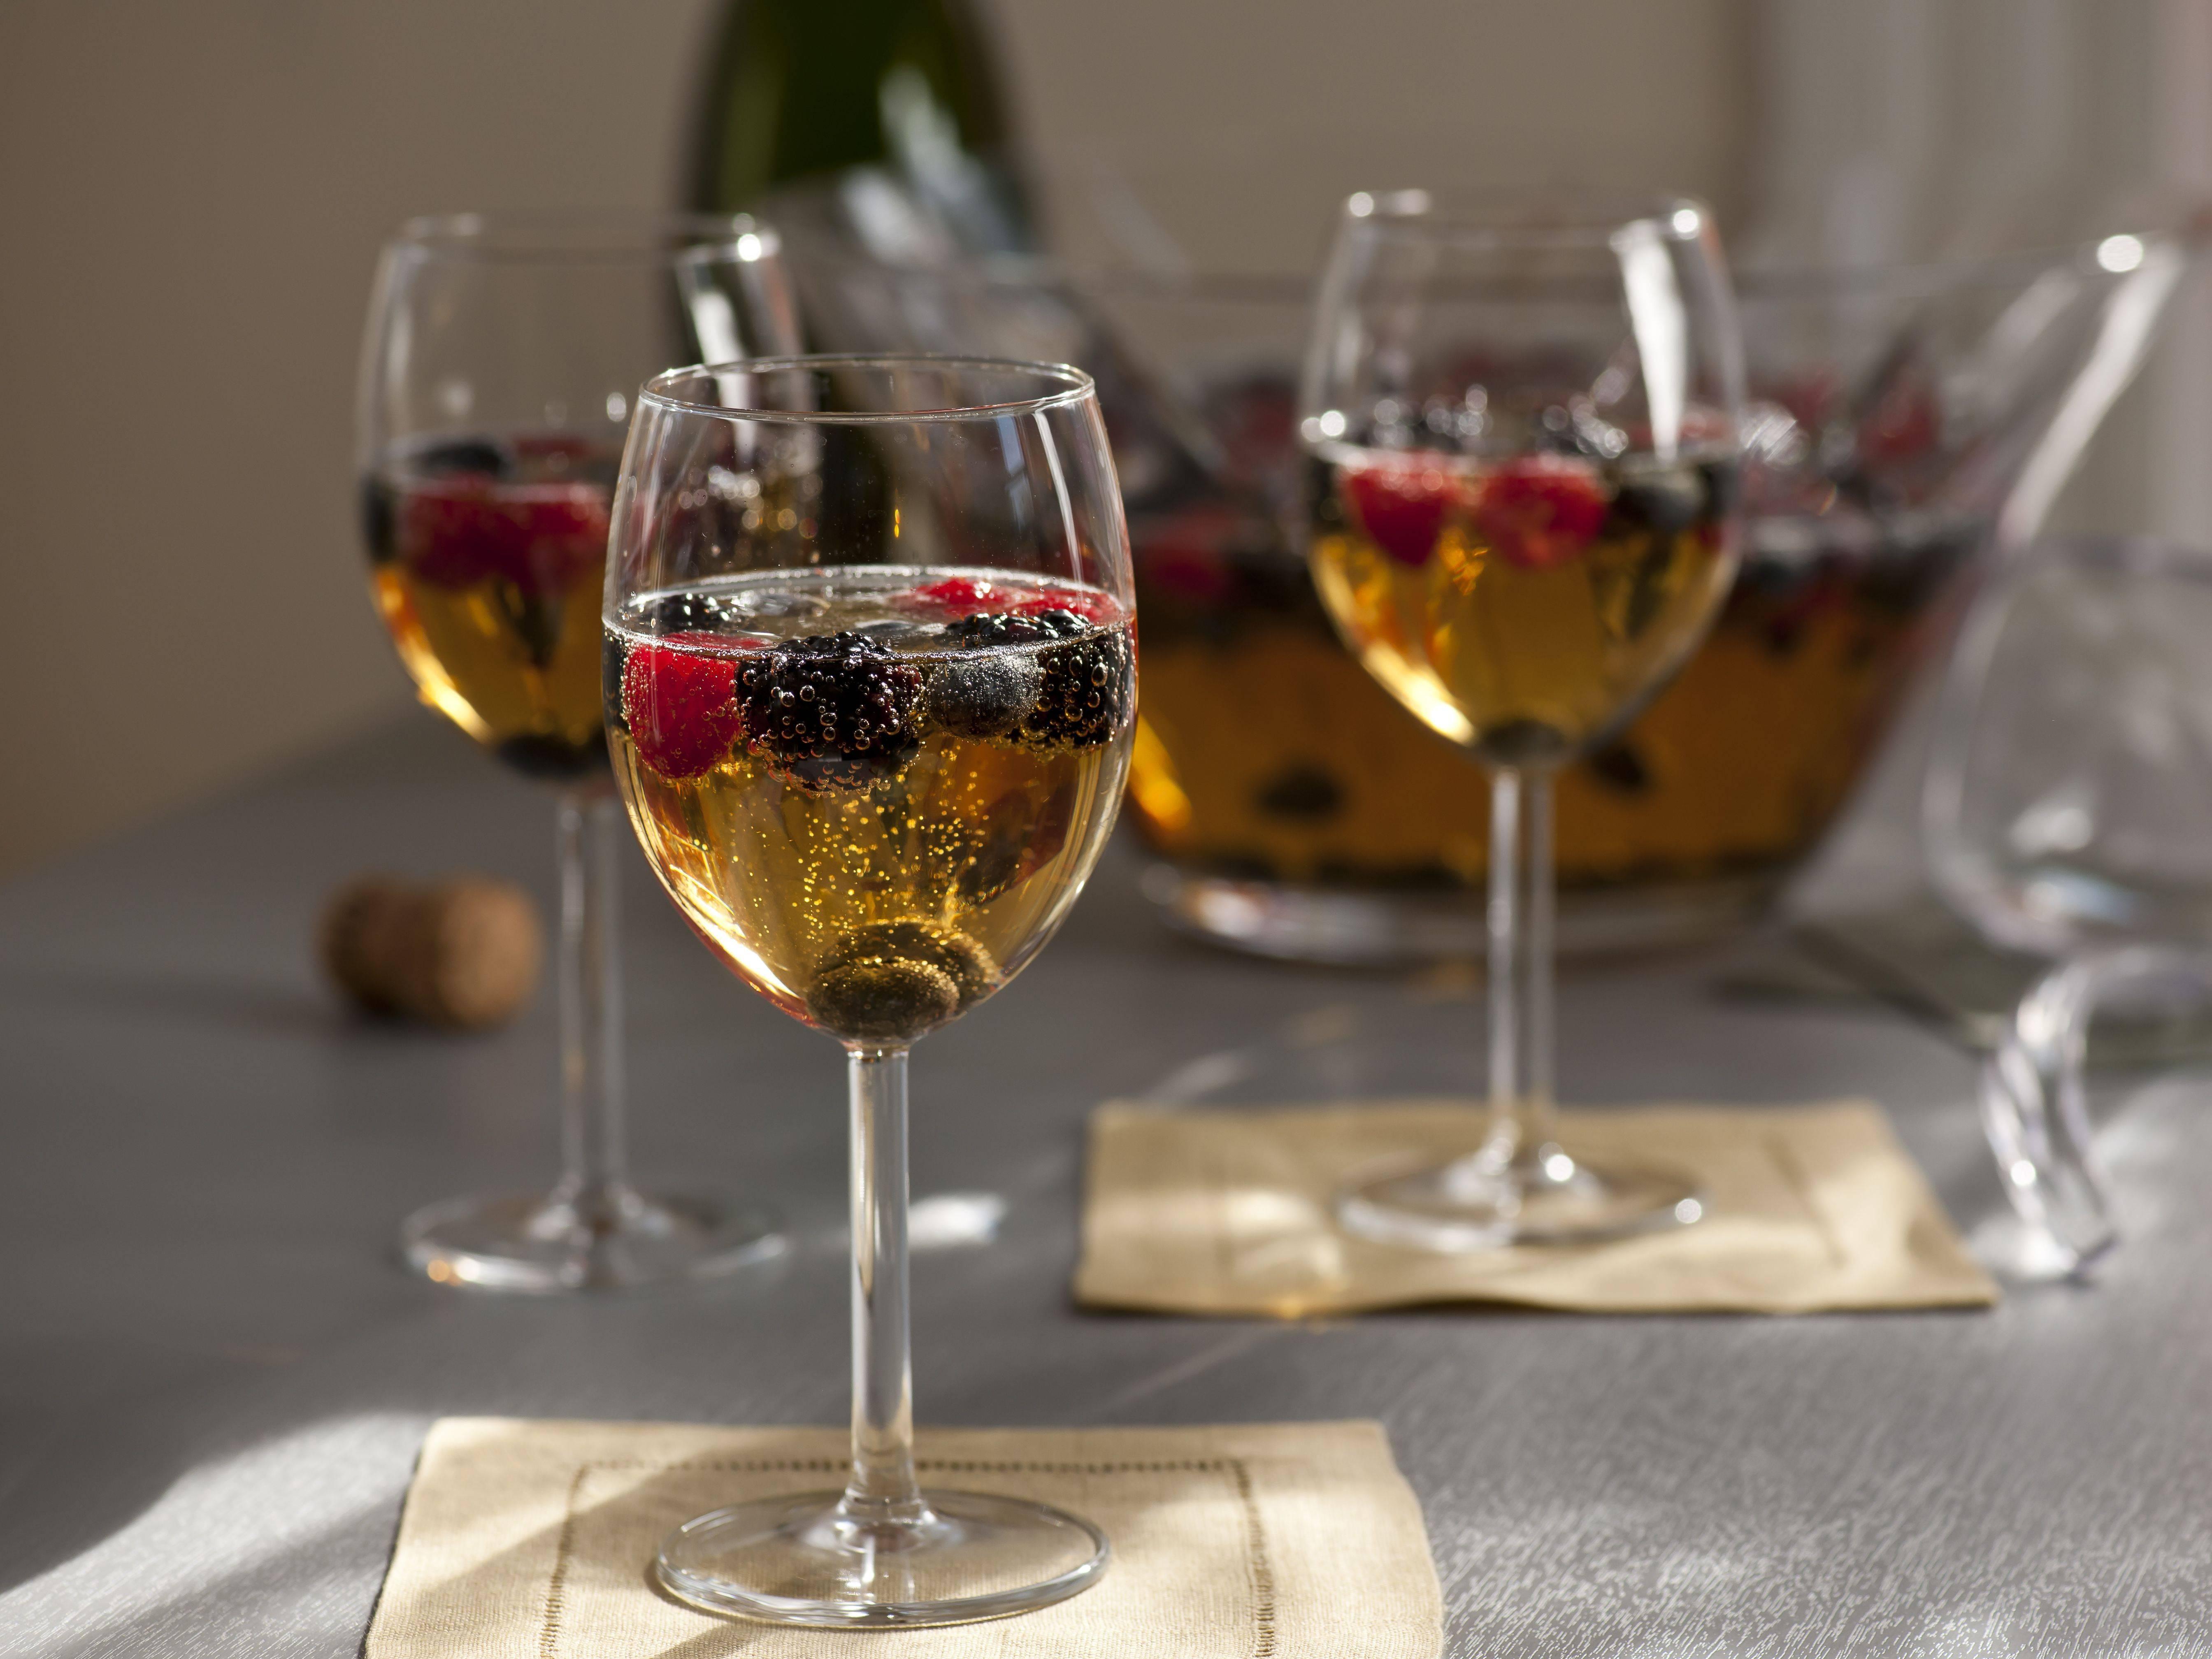 Чем закусывают красное вино: лучшие закуски по версии playboy